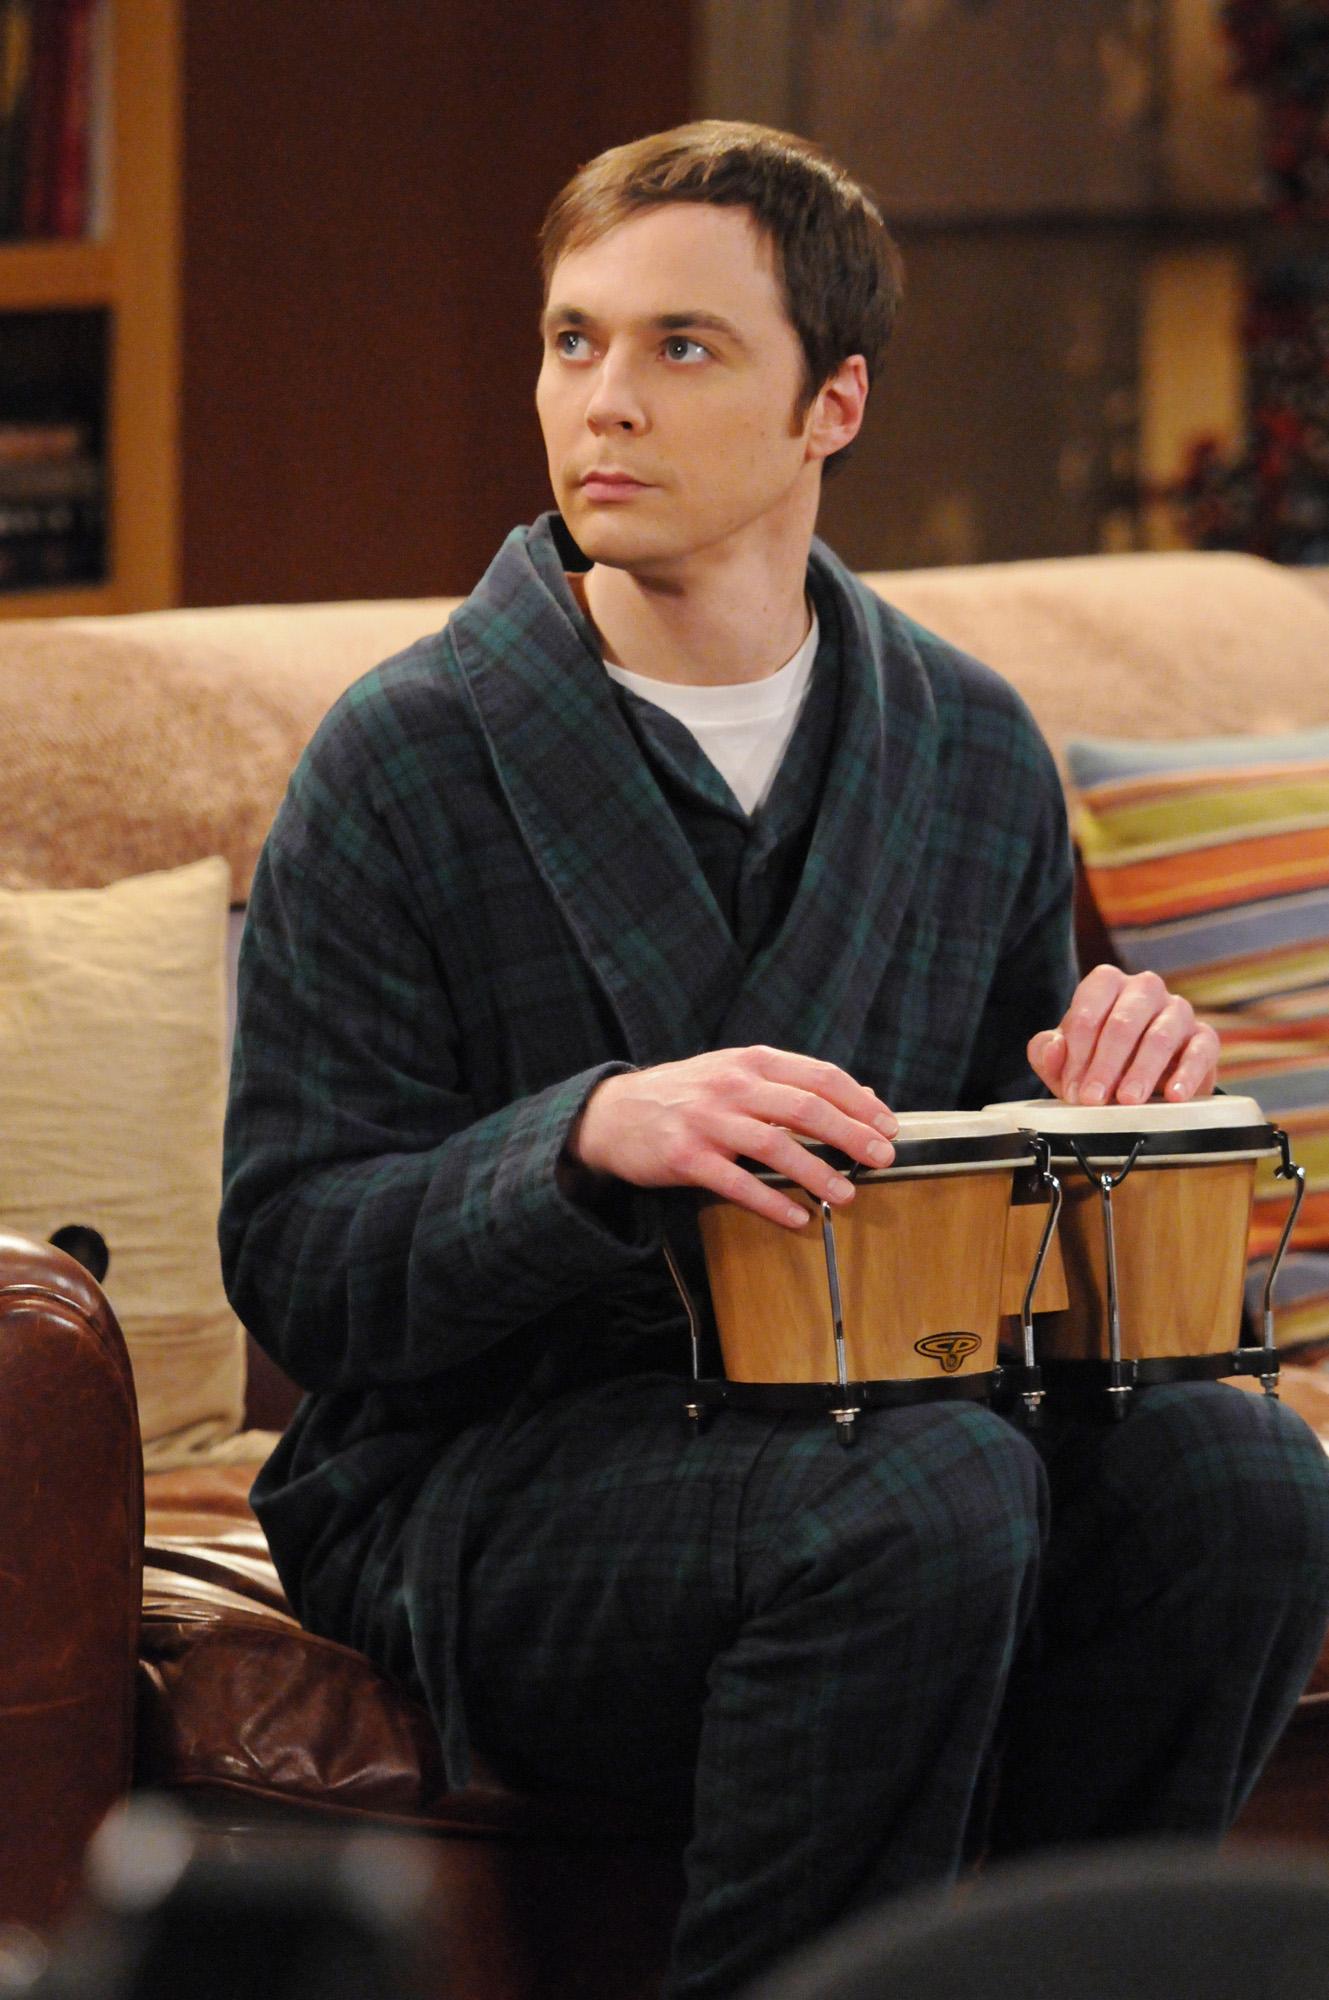 Leonard Nimoy Comes to The Big Bang Theory